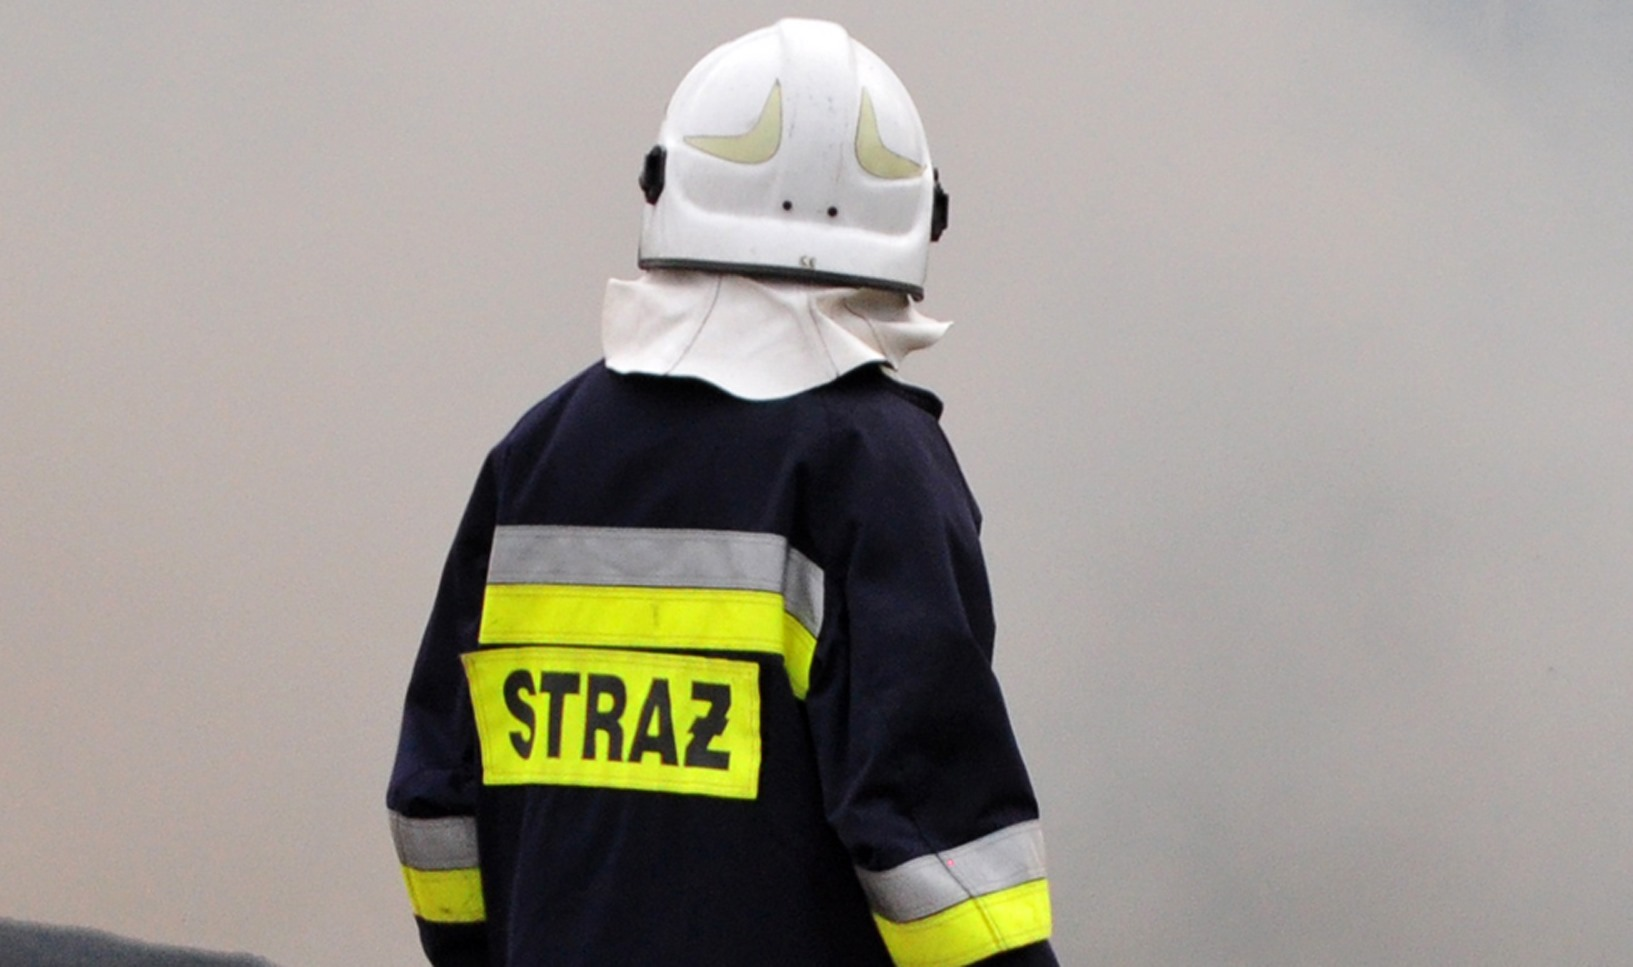 Wybuchł pożar domu. Dwóch mężczyzn potrzebowało pomocy - Zdjęcie główne